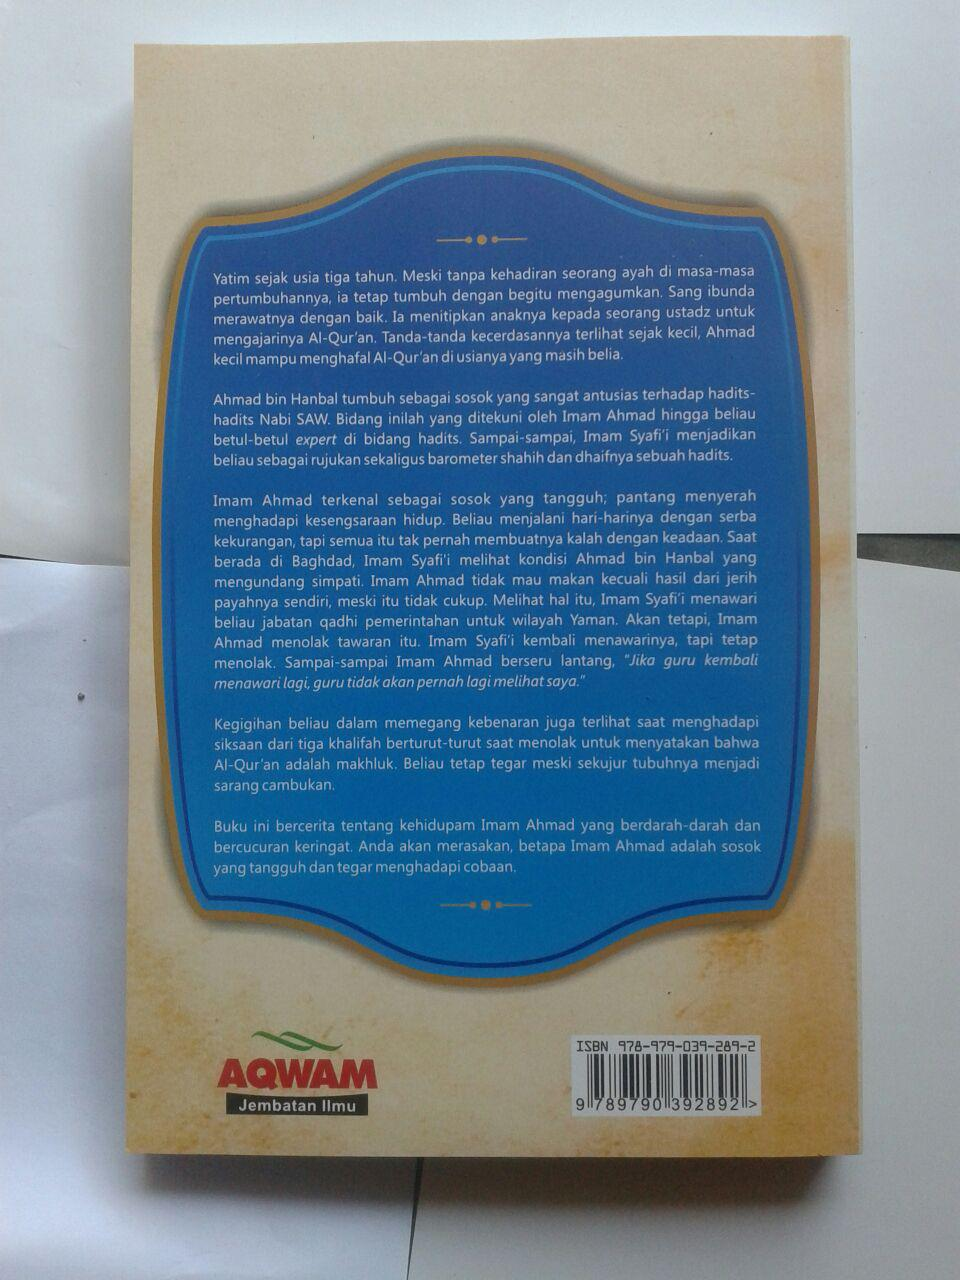 Buku Biografi Imam Ahmad Kehidupan Sikap Dan Pendapatnya cover 2